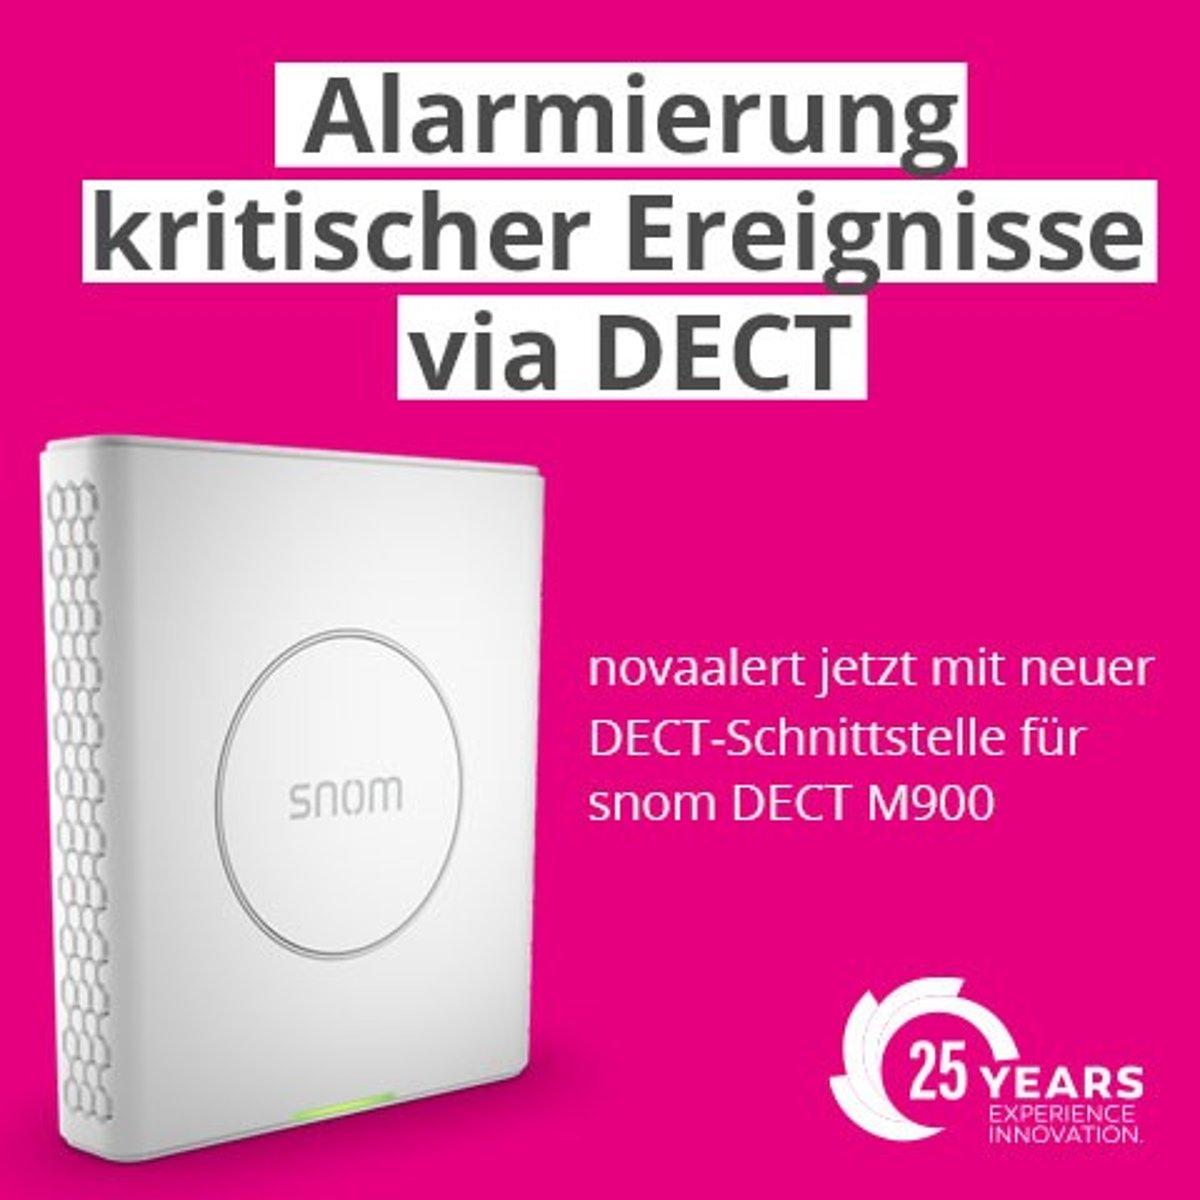 Neue DECT-Schnittstelle für snom DECT M900